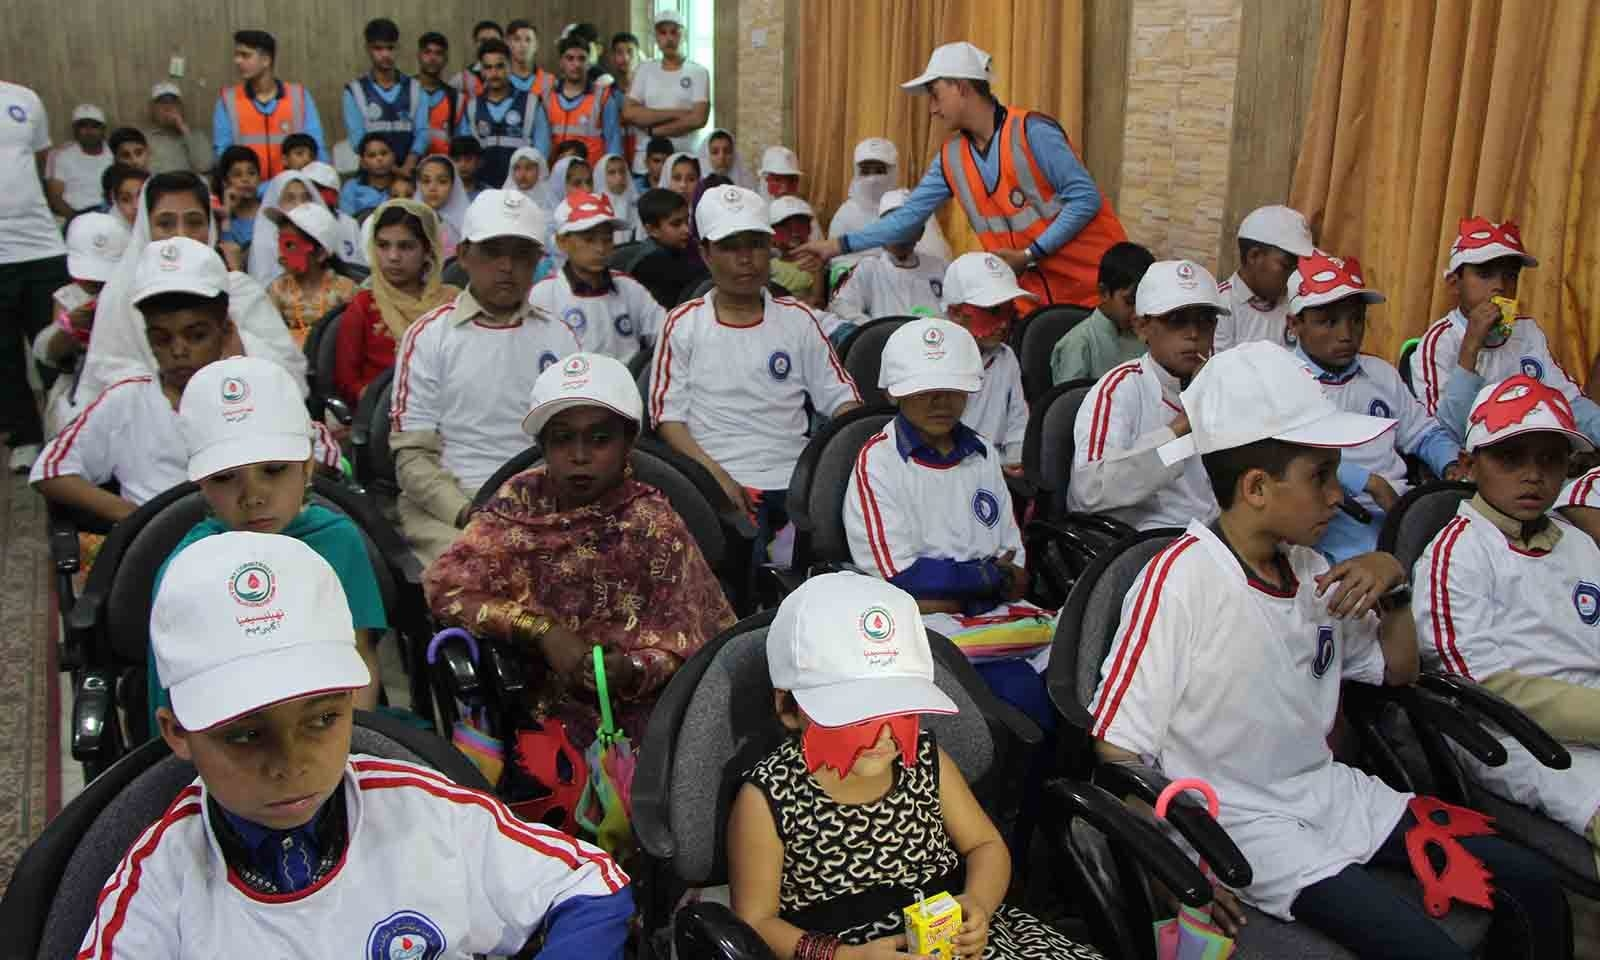 مینگورہ شہر میں تھیلیسیمیا کے حوالے سے منعقدہ پروگرام میں متاثرہ بچے شریک ہیں